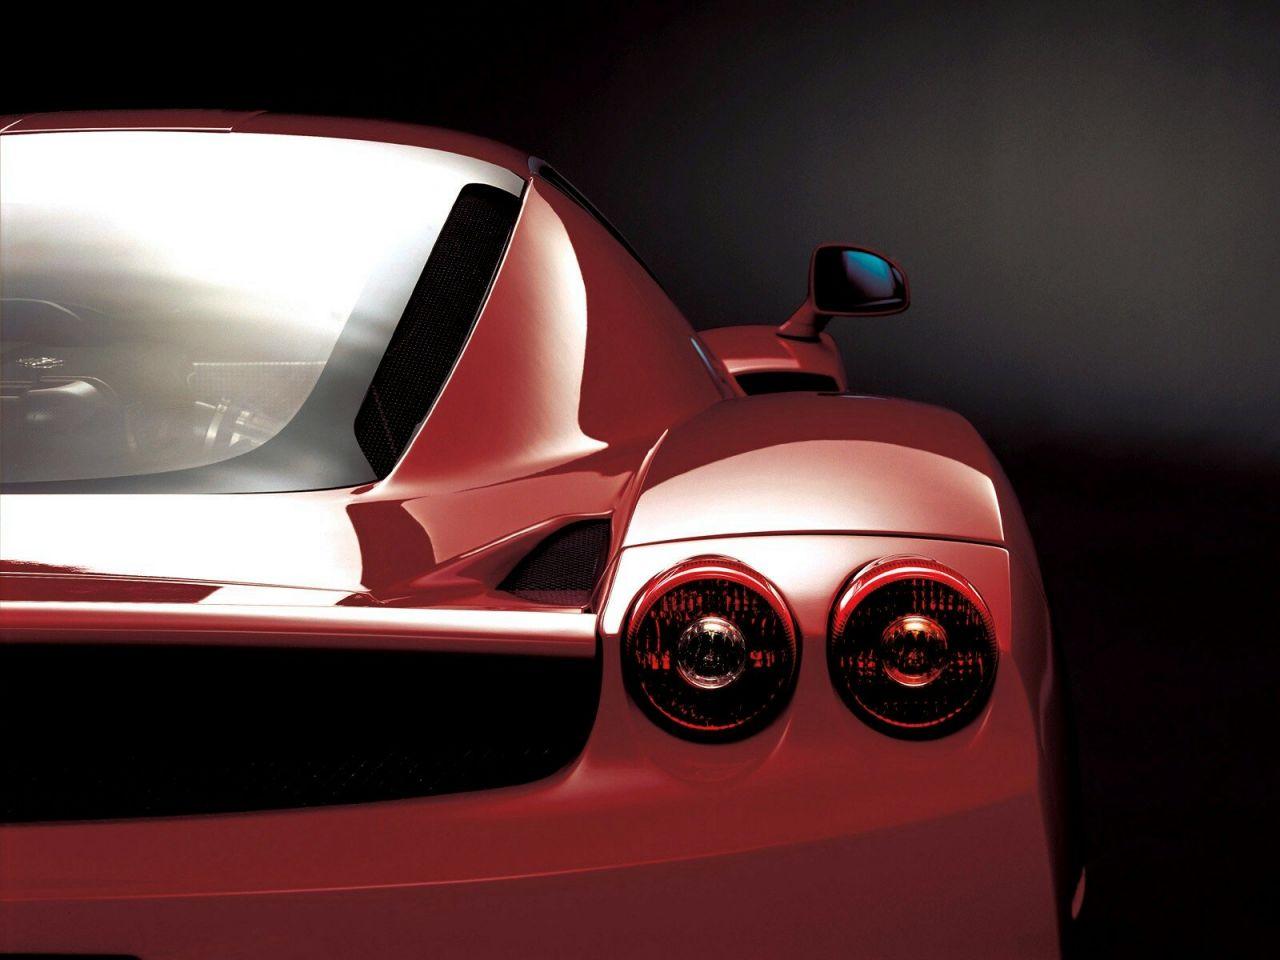 Wallpaper : 2002 Ferrari Enzo Ferrari